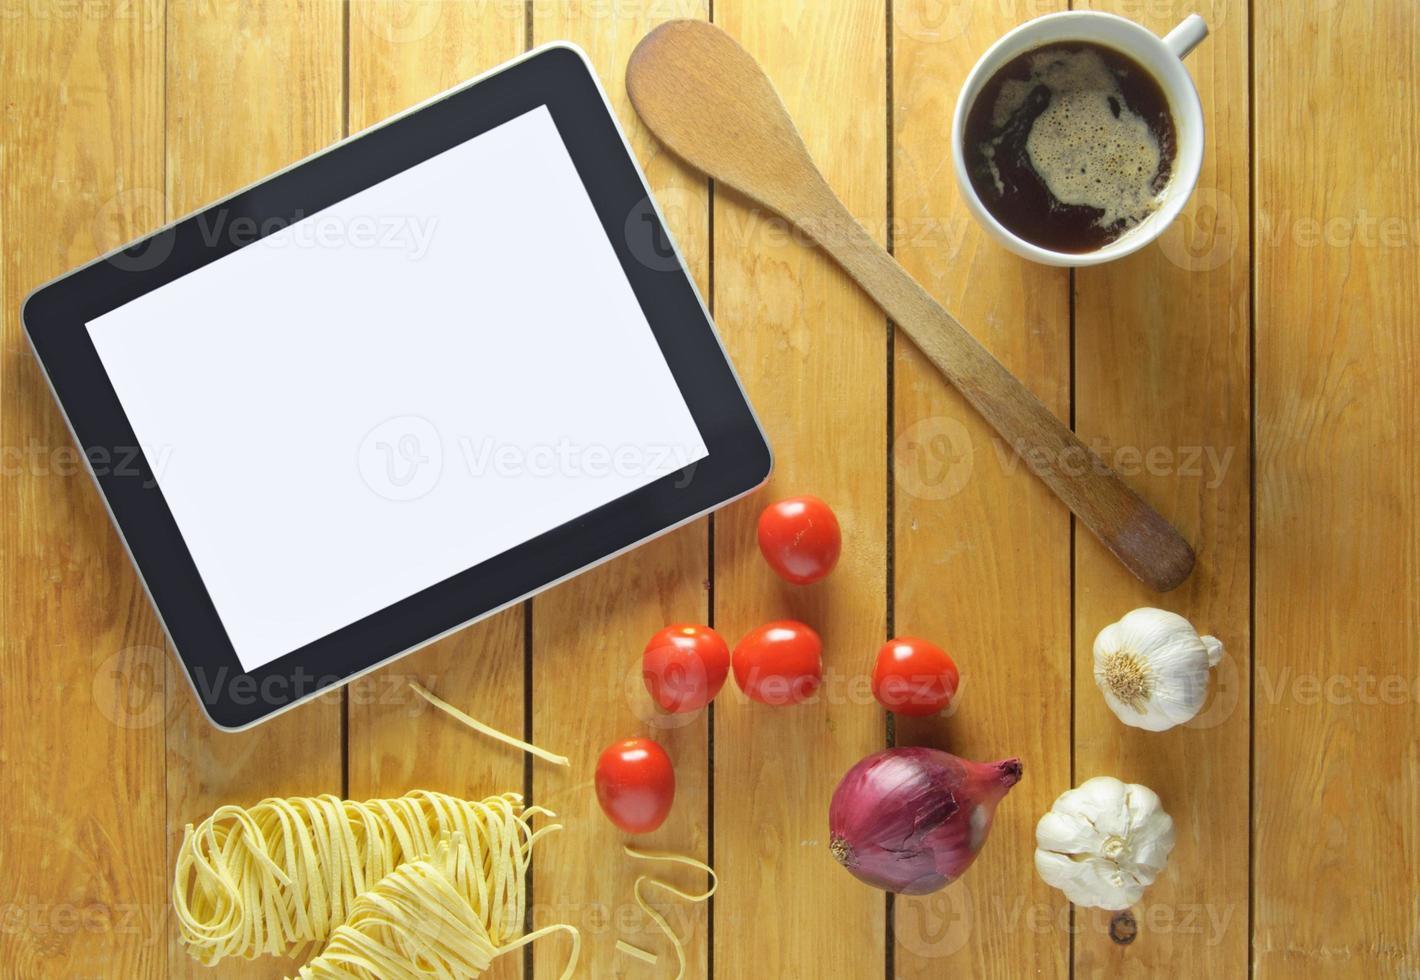 preparação de receita de comida no tablet foto